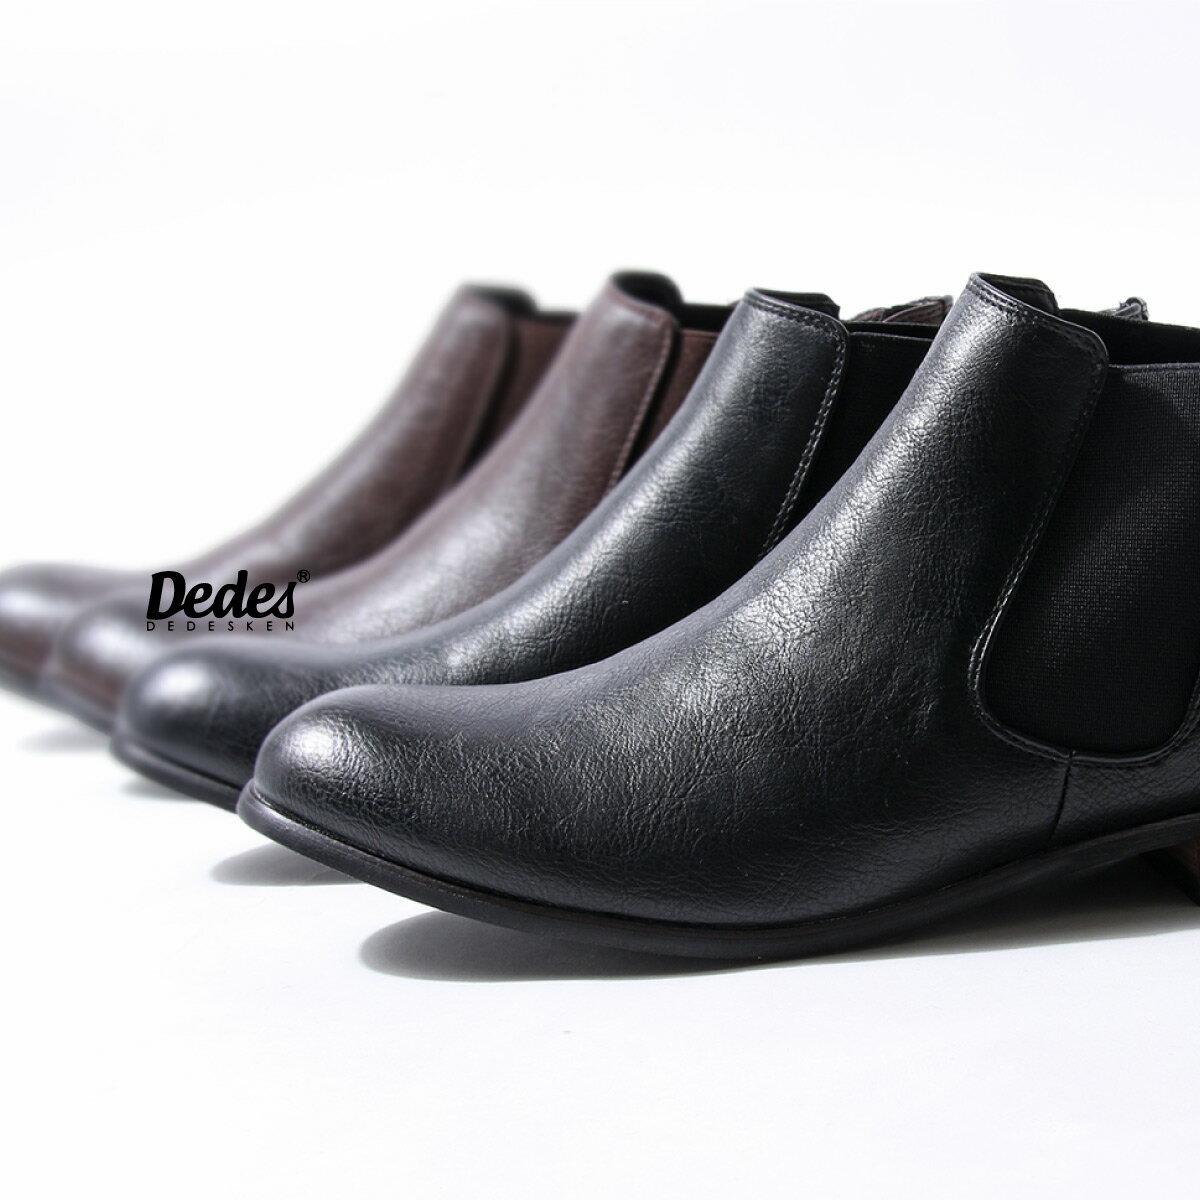 短筒側邊橡膠靴 7